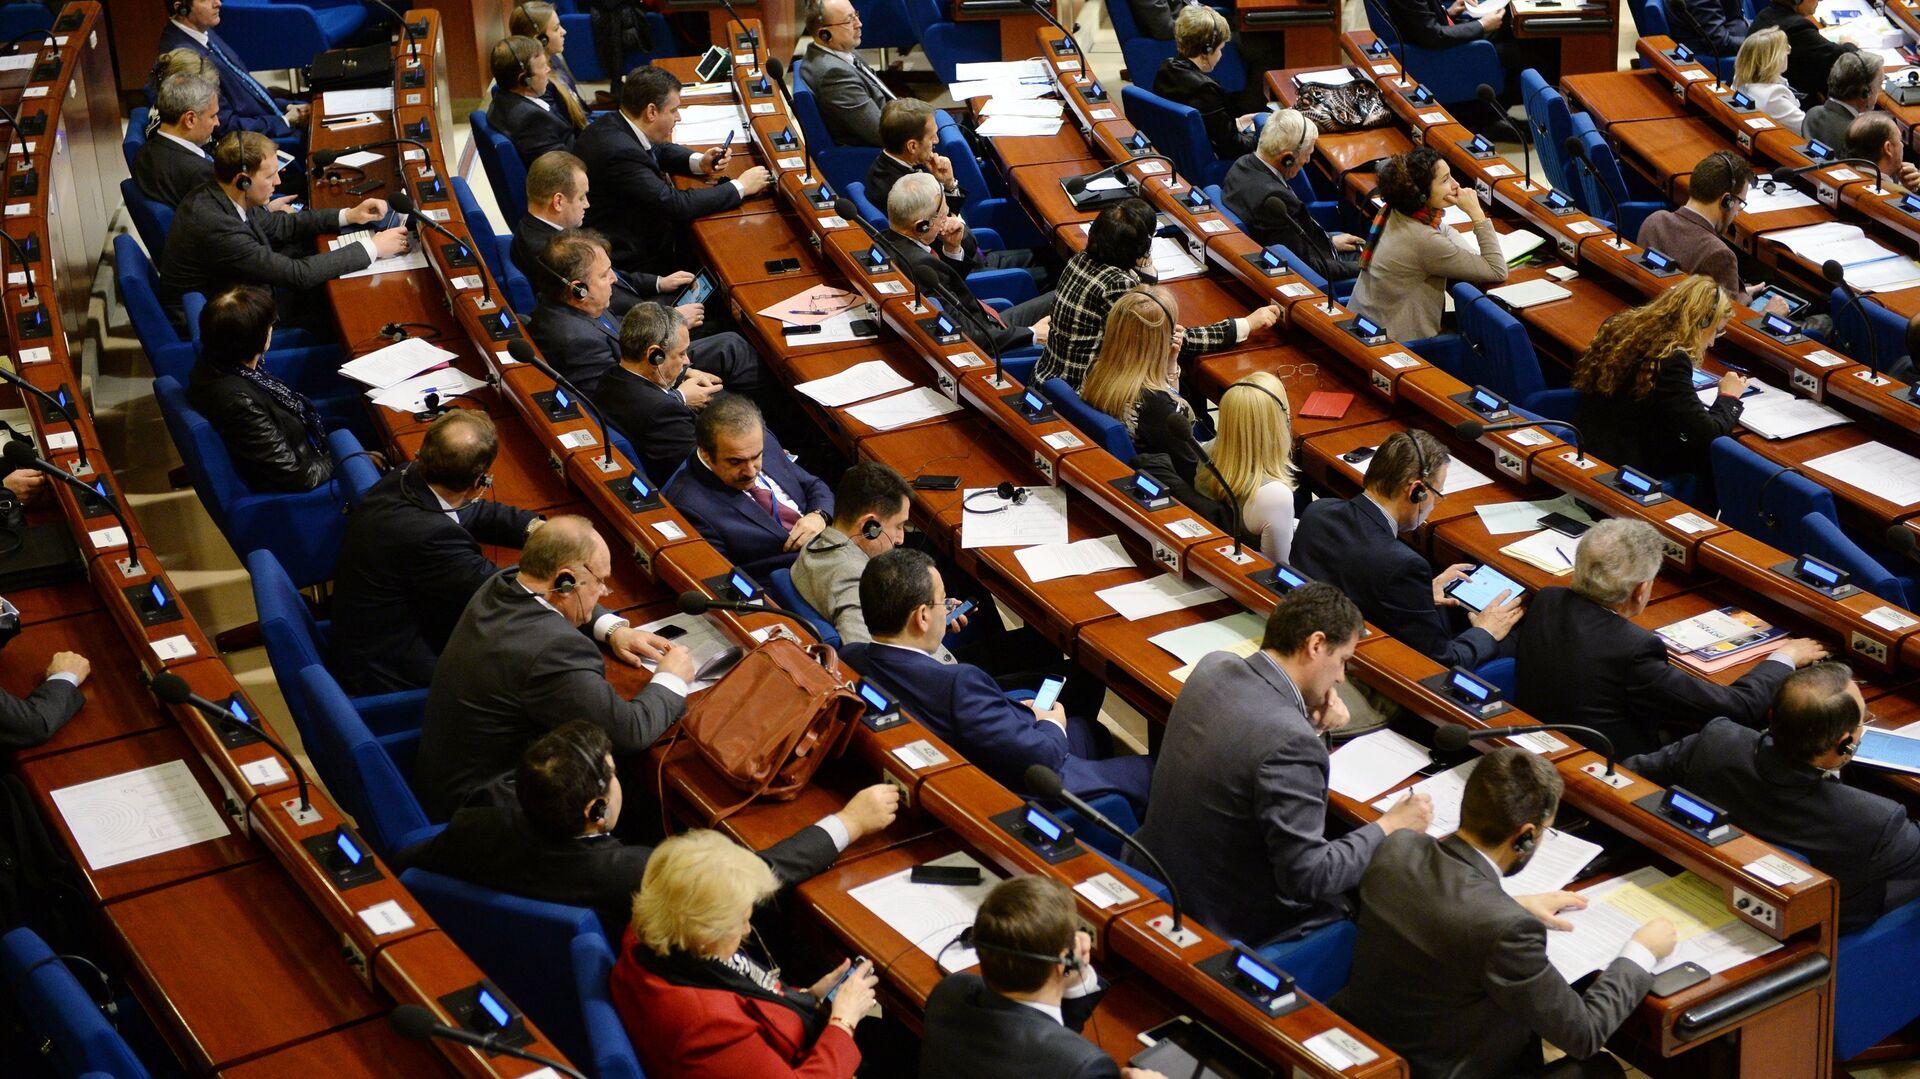 Делегаты в зале на пленарном заседании зимней сессии Парламентской ассамблеи Совета Европы - Sputnik Azərbaycan, 1920, 25.09.2021